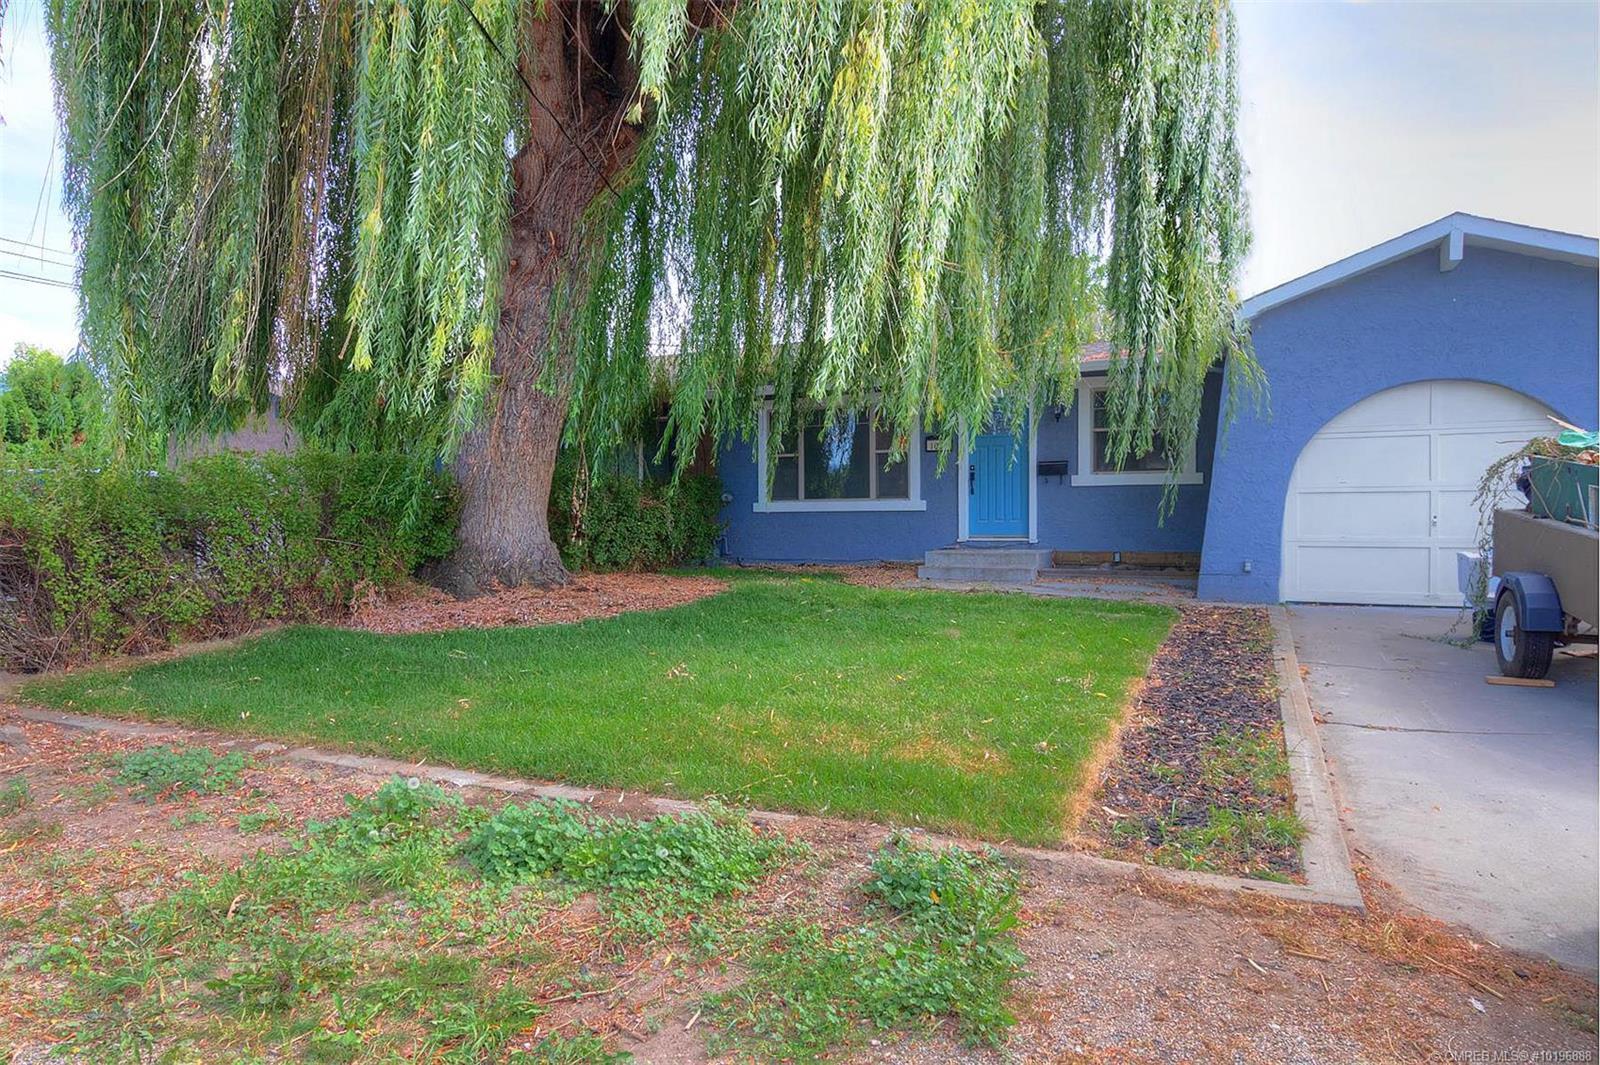 1095 Alta Dena Road, - Kelowna Duplex for sale, 3 Bedrooms (10196888)